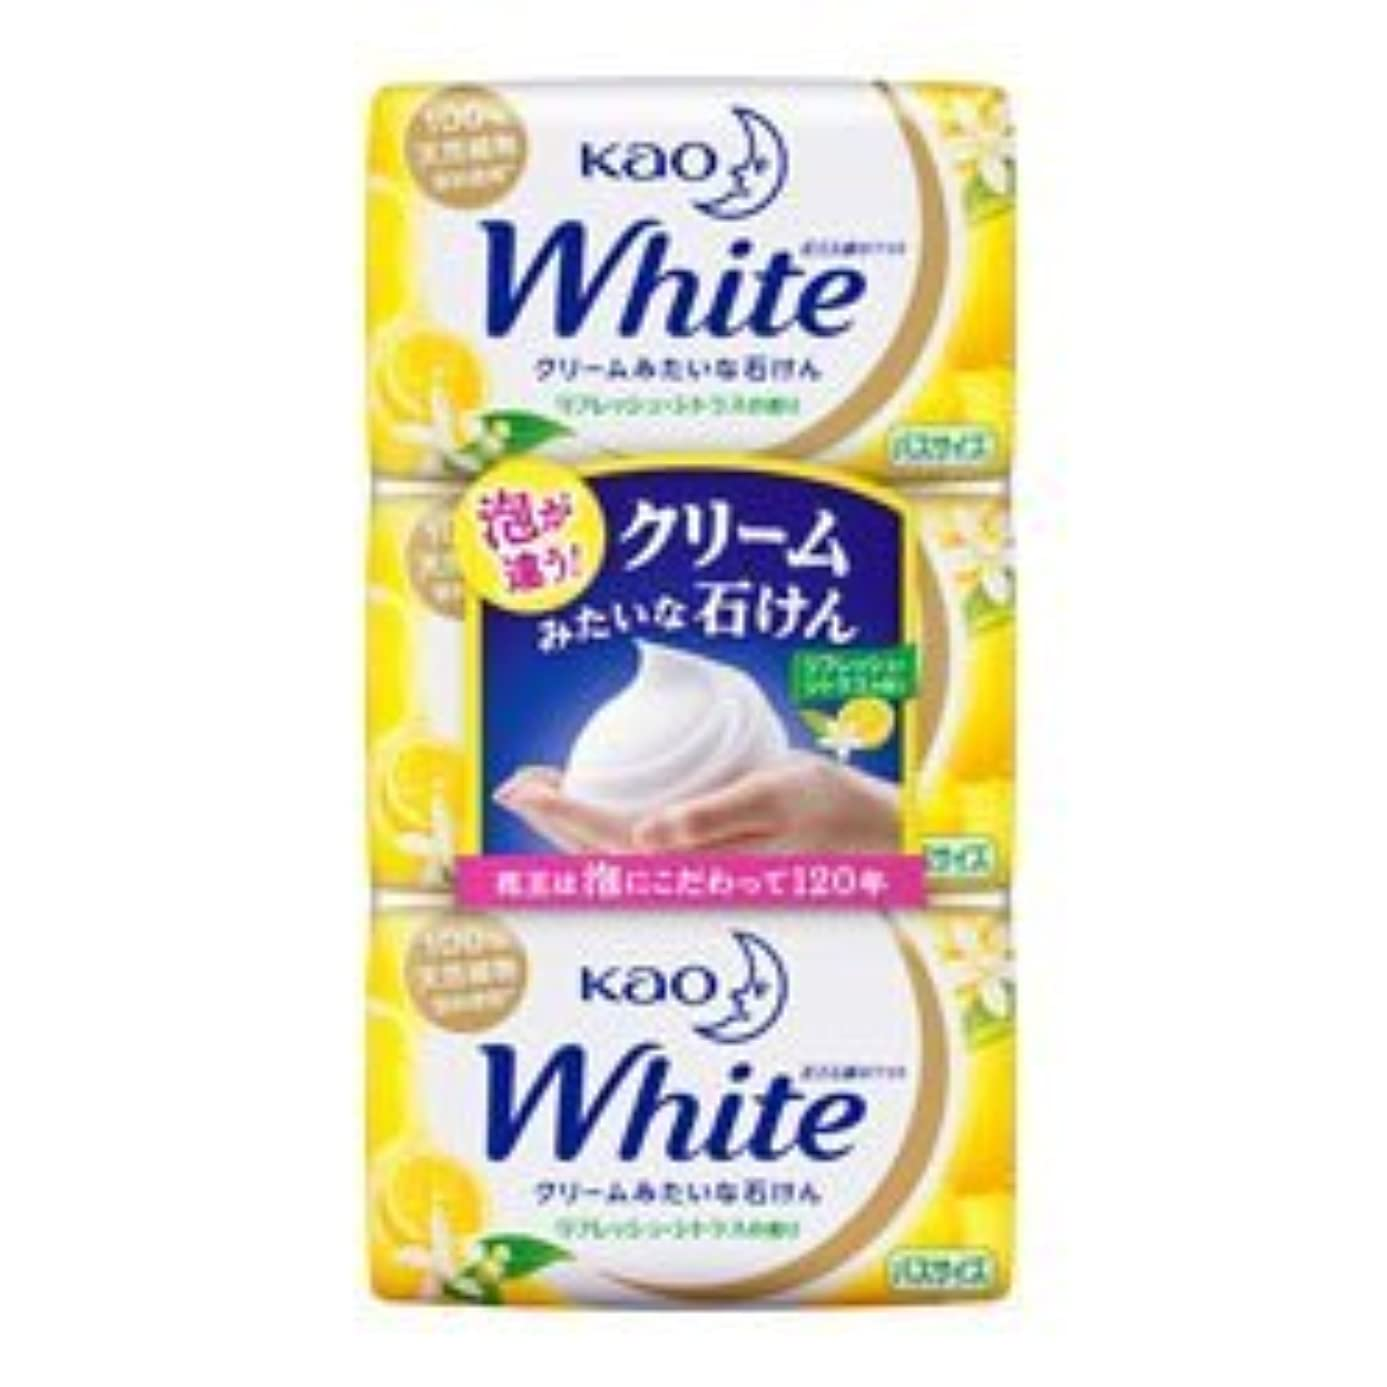 インレイ宣教師取り出す【花王】ホワイト リフレッシュ?シトラスの香り バスサイズ 130g×3個入 ×3個セット